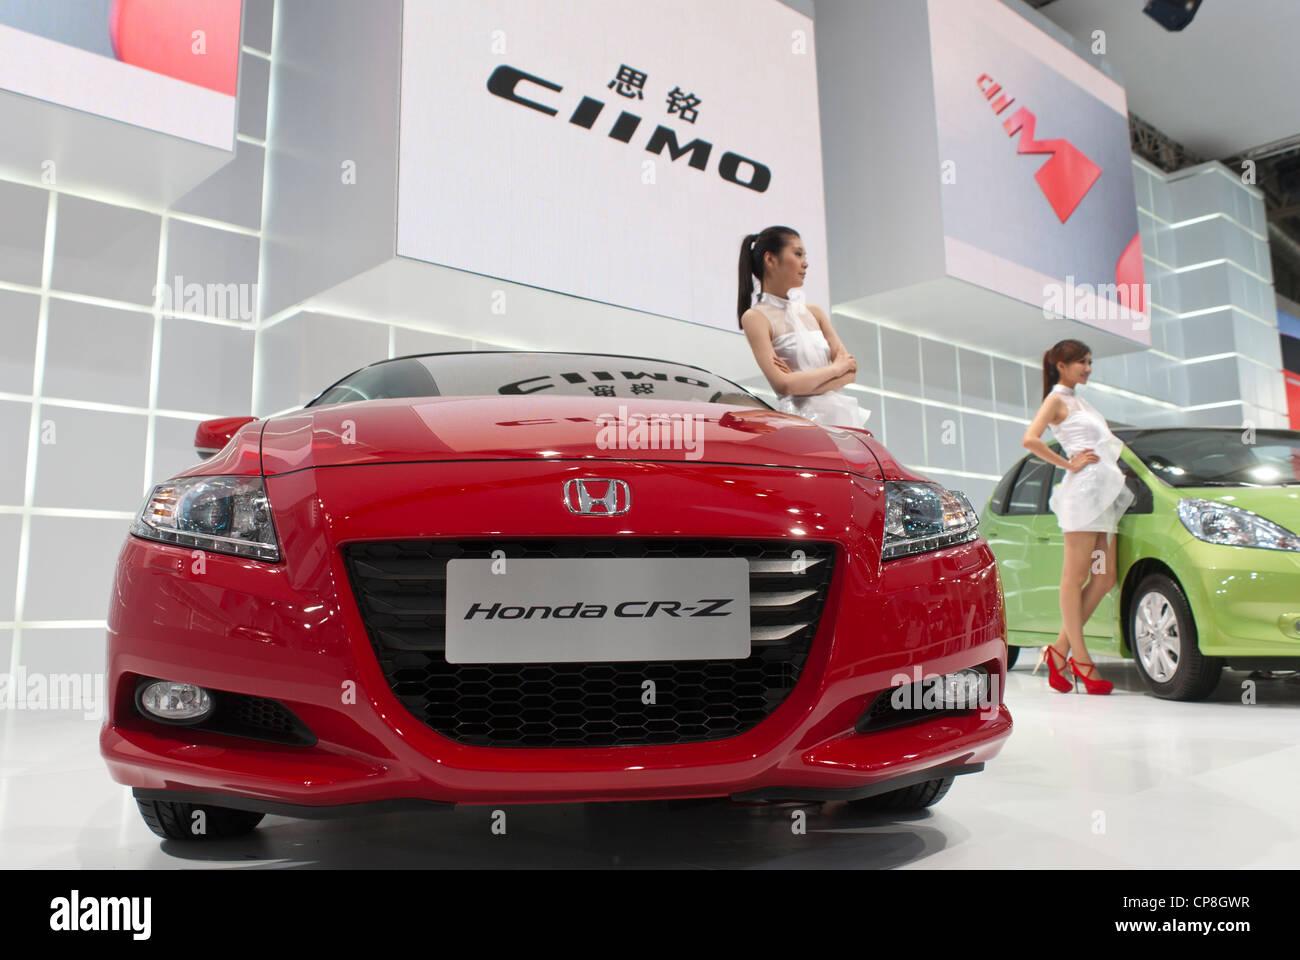 The Honda CR-Z - Stock Image